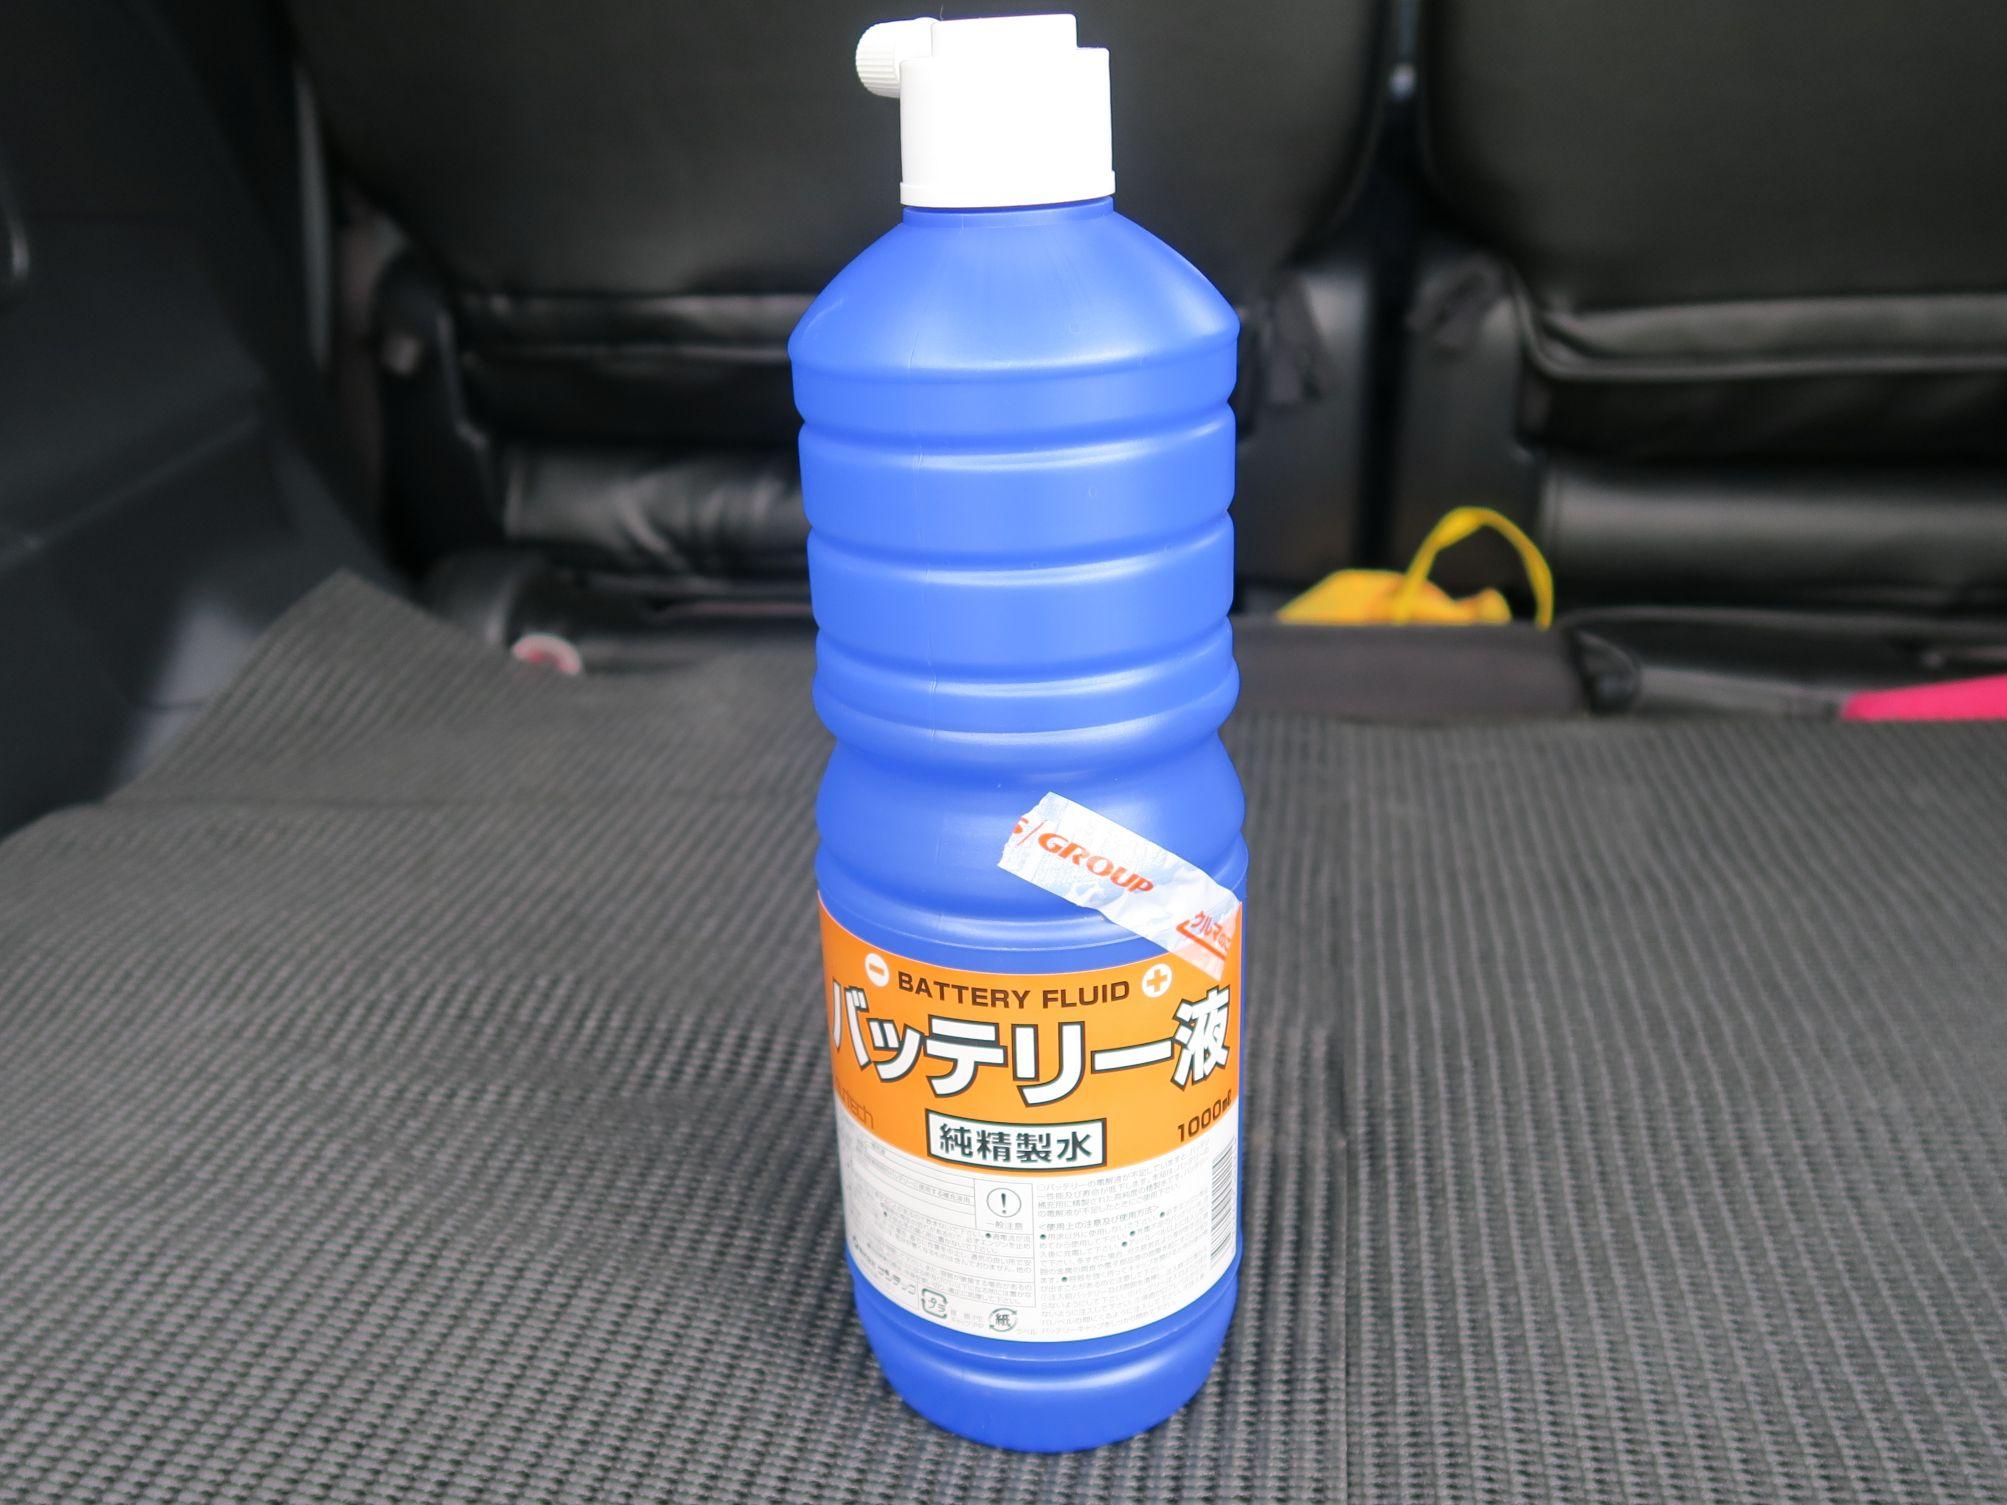 補充液は約1/3程度使用、思っていた以上にバッテリー液が減っており、今後も定期的に補充する必要がありそうです。